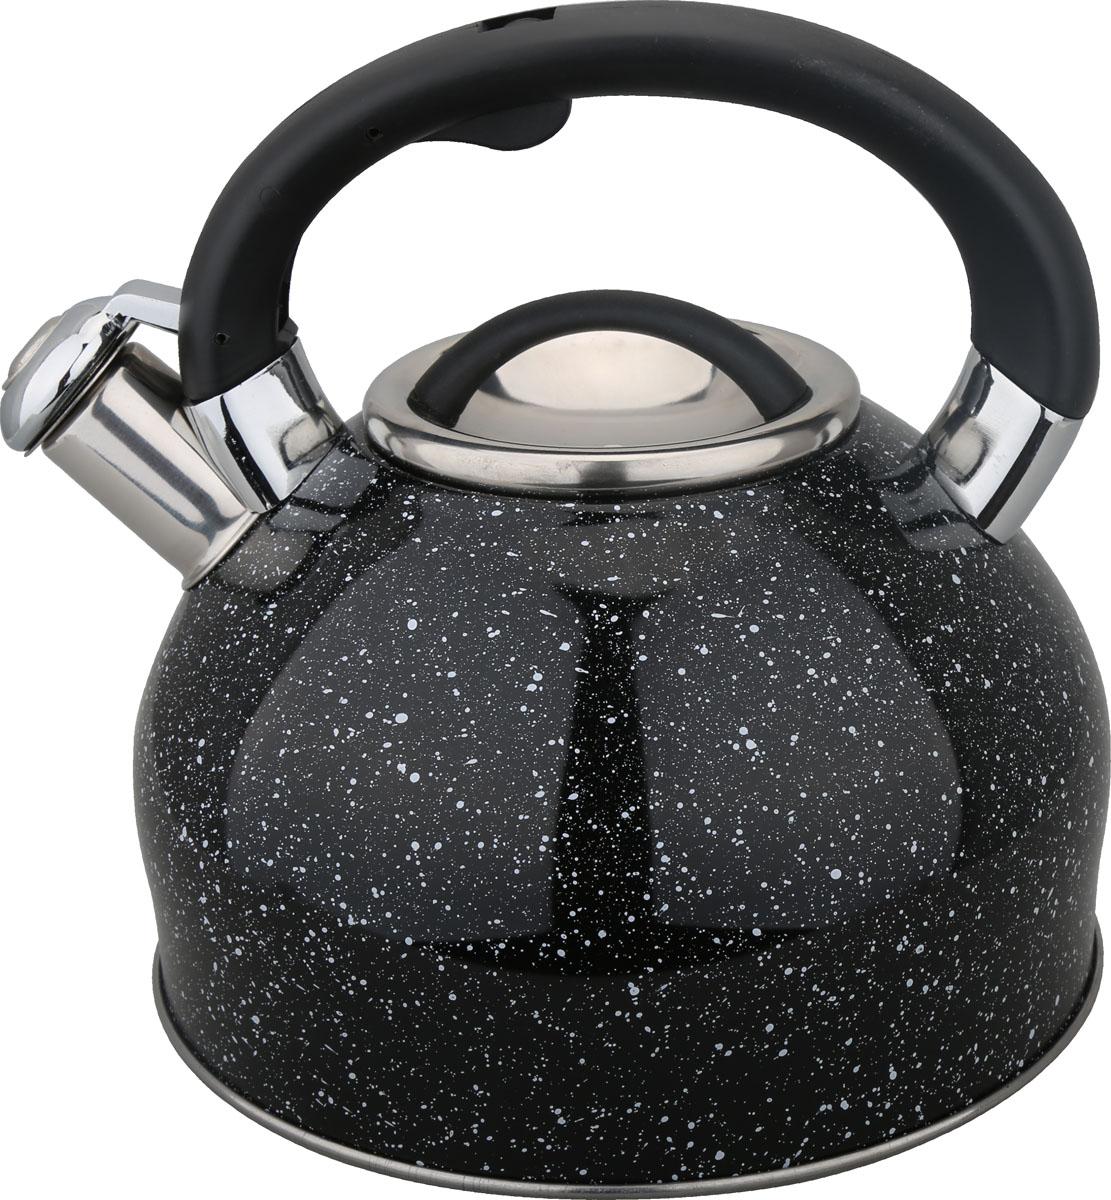 Чайник Bayerhoff, со свистком, цвет: черный, 3 л. BH-439BH-439Материал: высококачественная нержавеющая сталь. Объем: 3,0 л. Клапан открывается кнопкой на ручке. Эргономичная ручка не нагревается и не скользит. Подходит для всех типов плит.